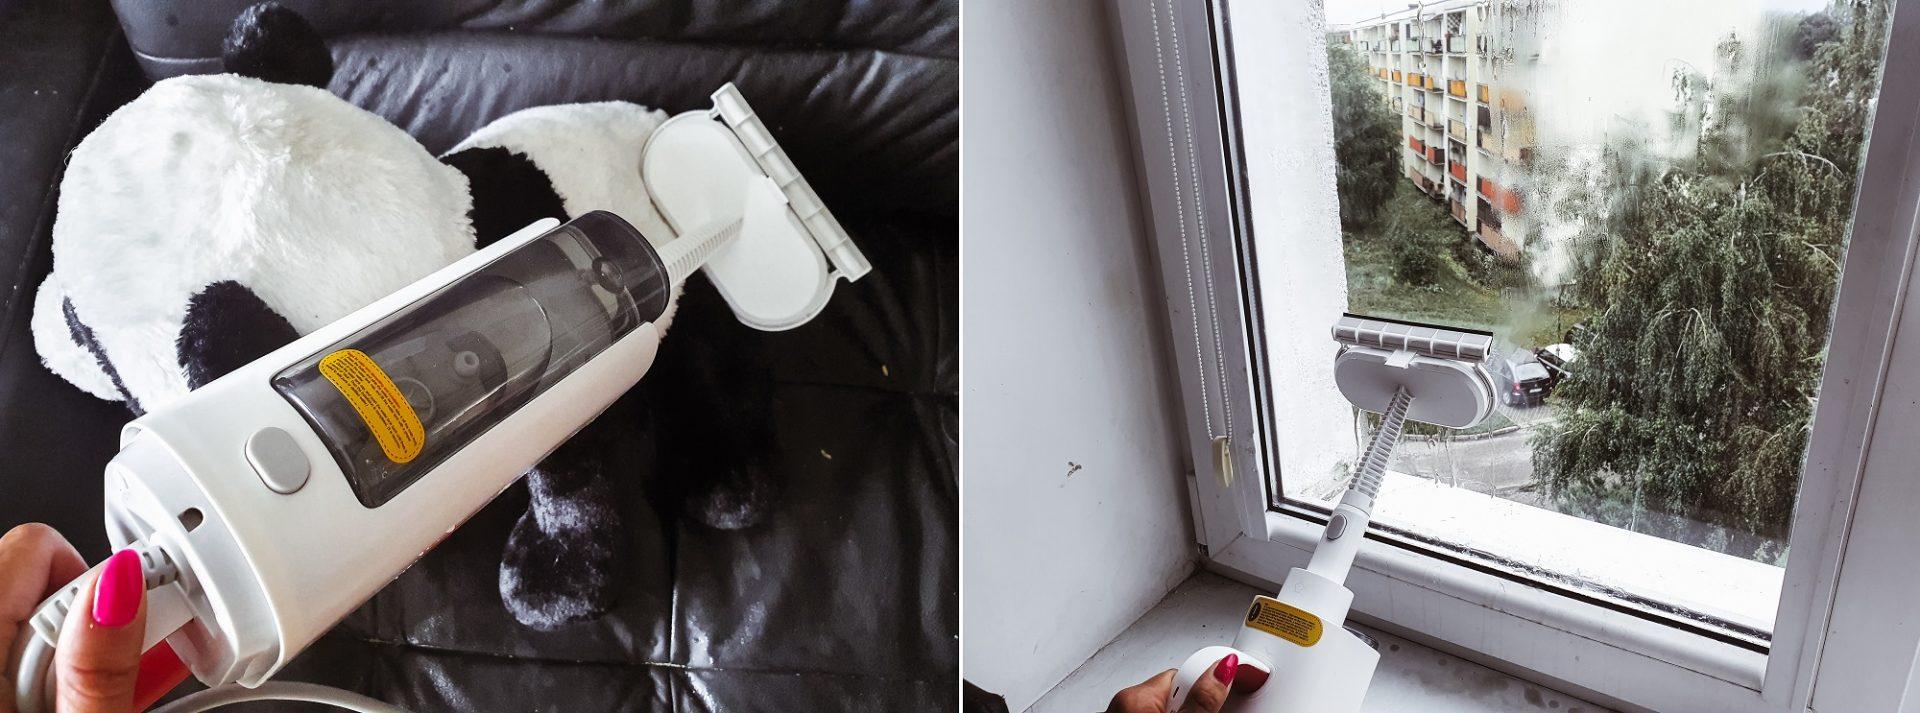 jak utrzymać porządek w mieszkaniu